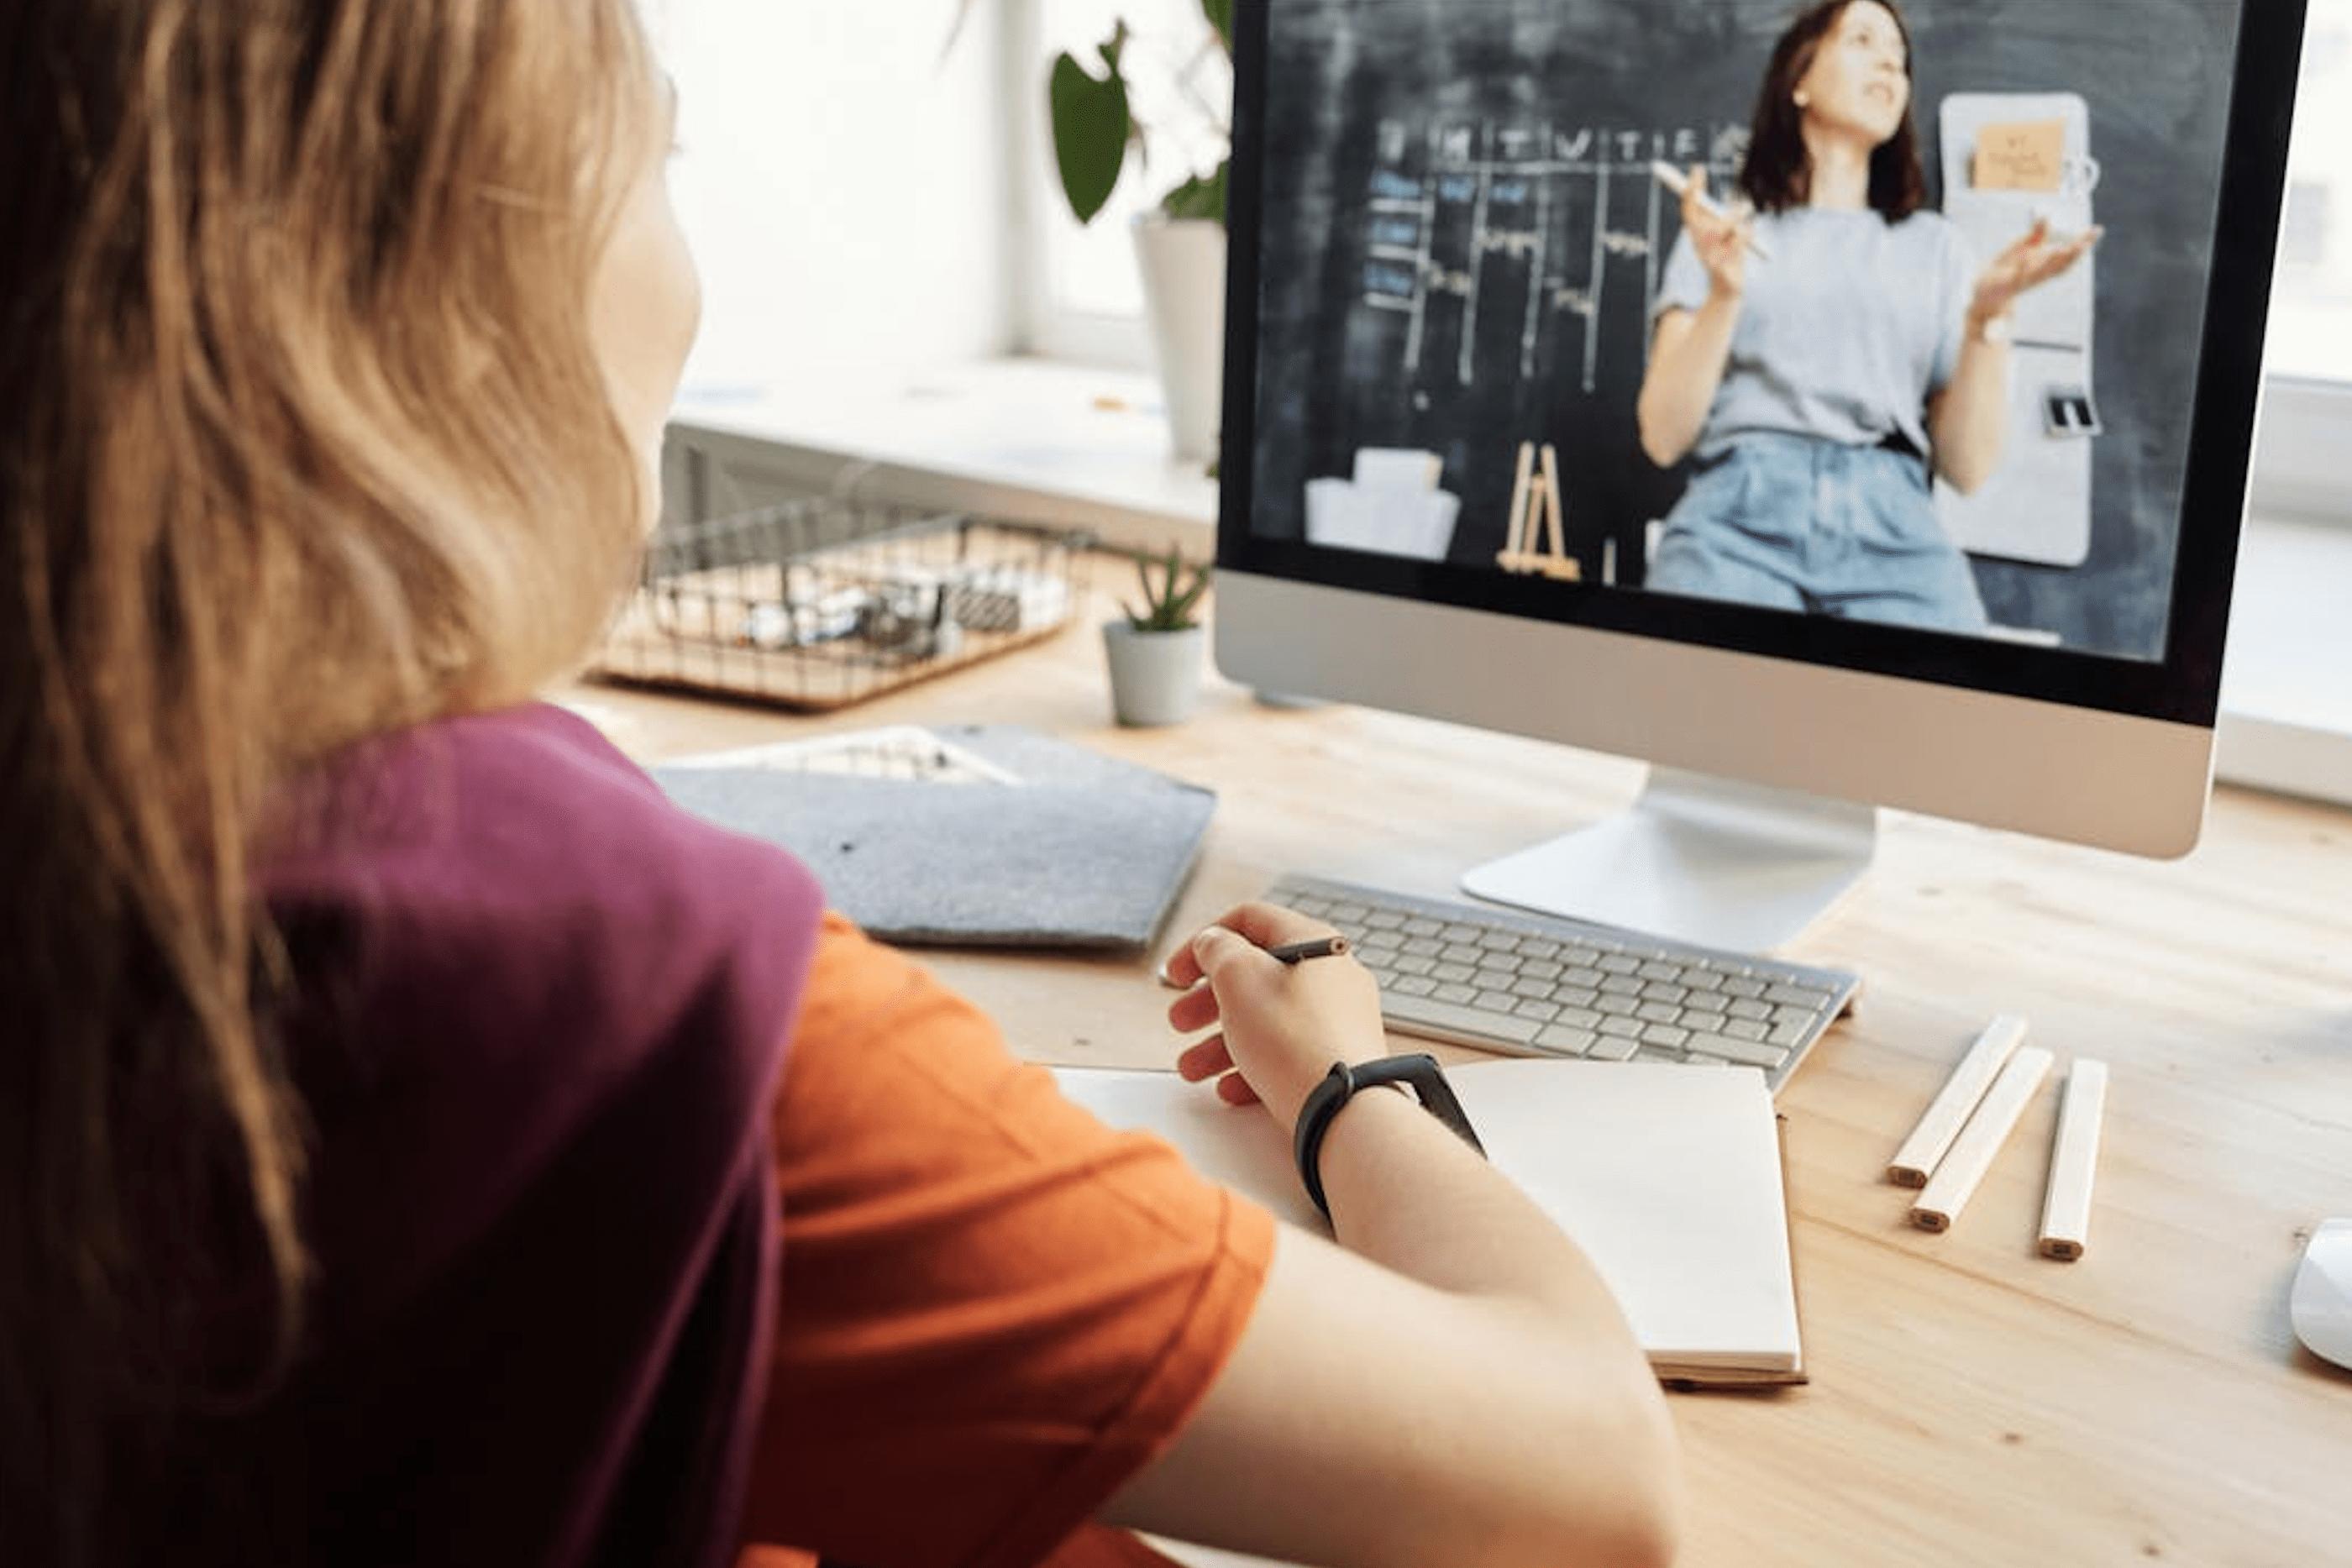 Rapariga a assistir a uma videoaula, no seu computador. Tira apontamentos para o seu caderno.